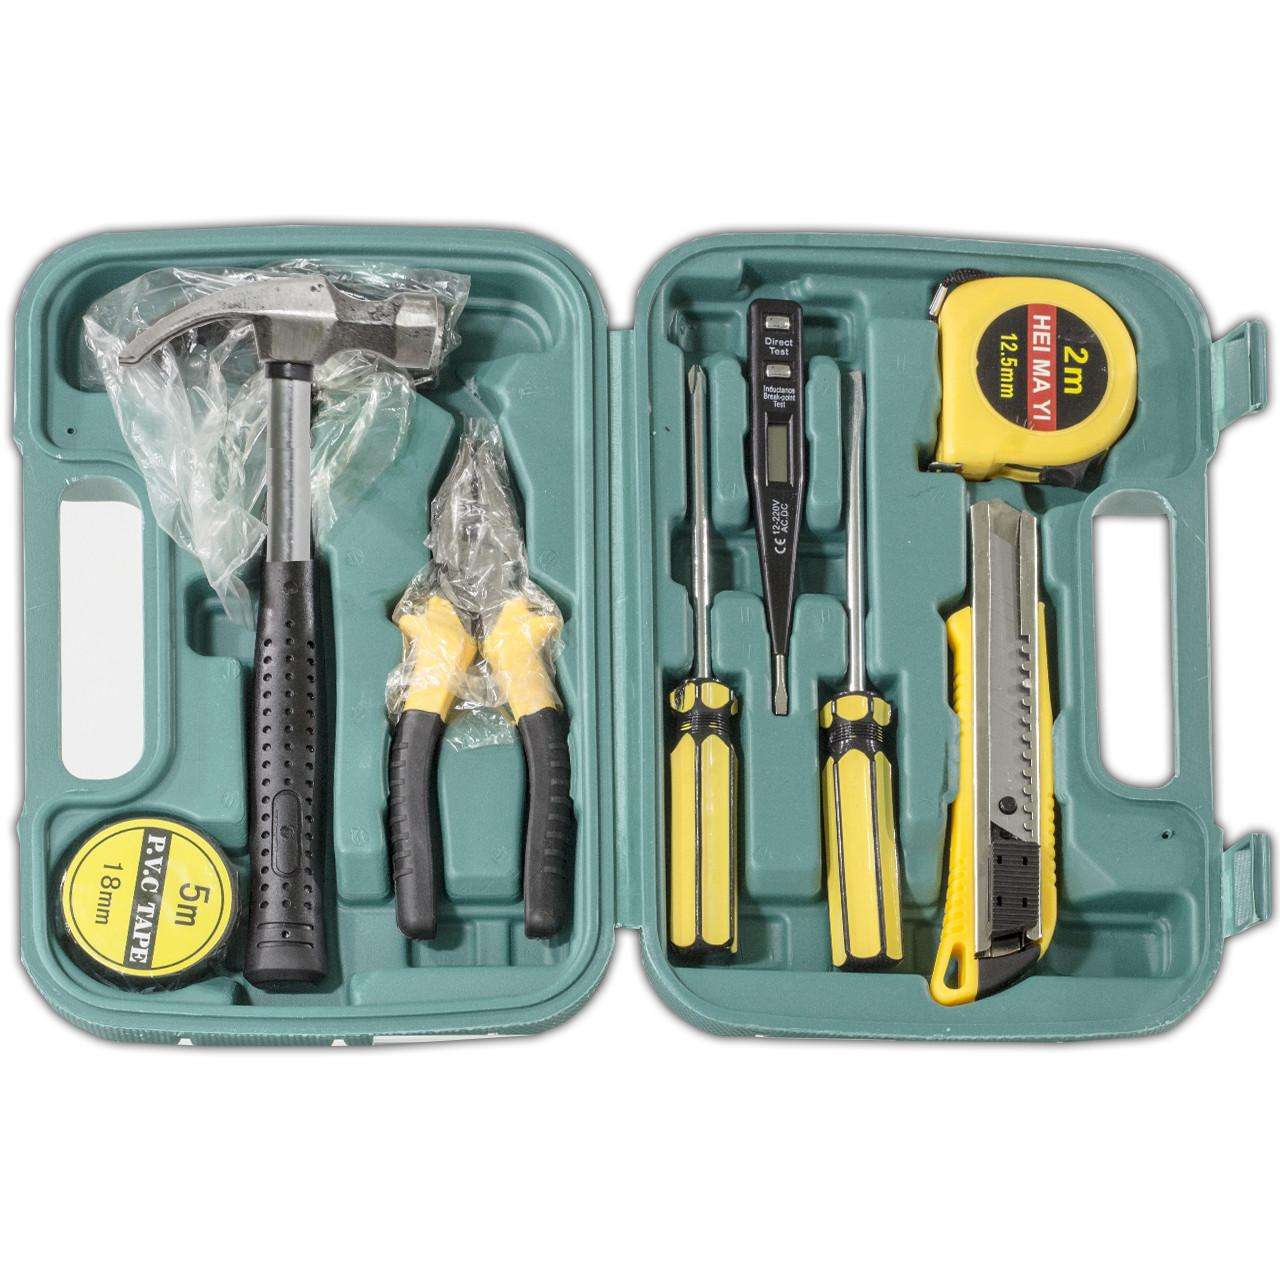 Набор инструментов Lesko 8009 отвертка крестовая/шлицевая молоток прозвонка плоскогубцы рулетка изолента канц.